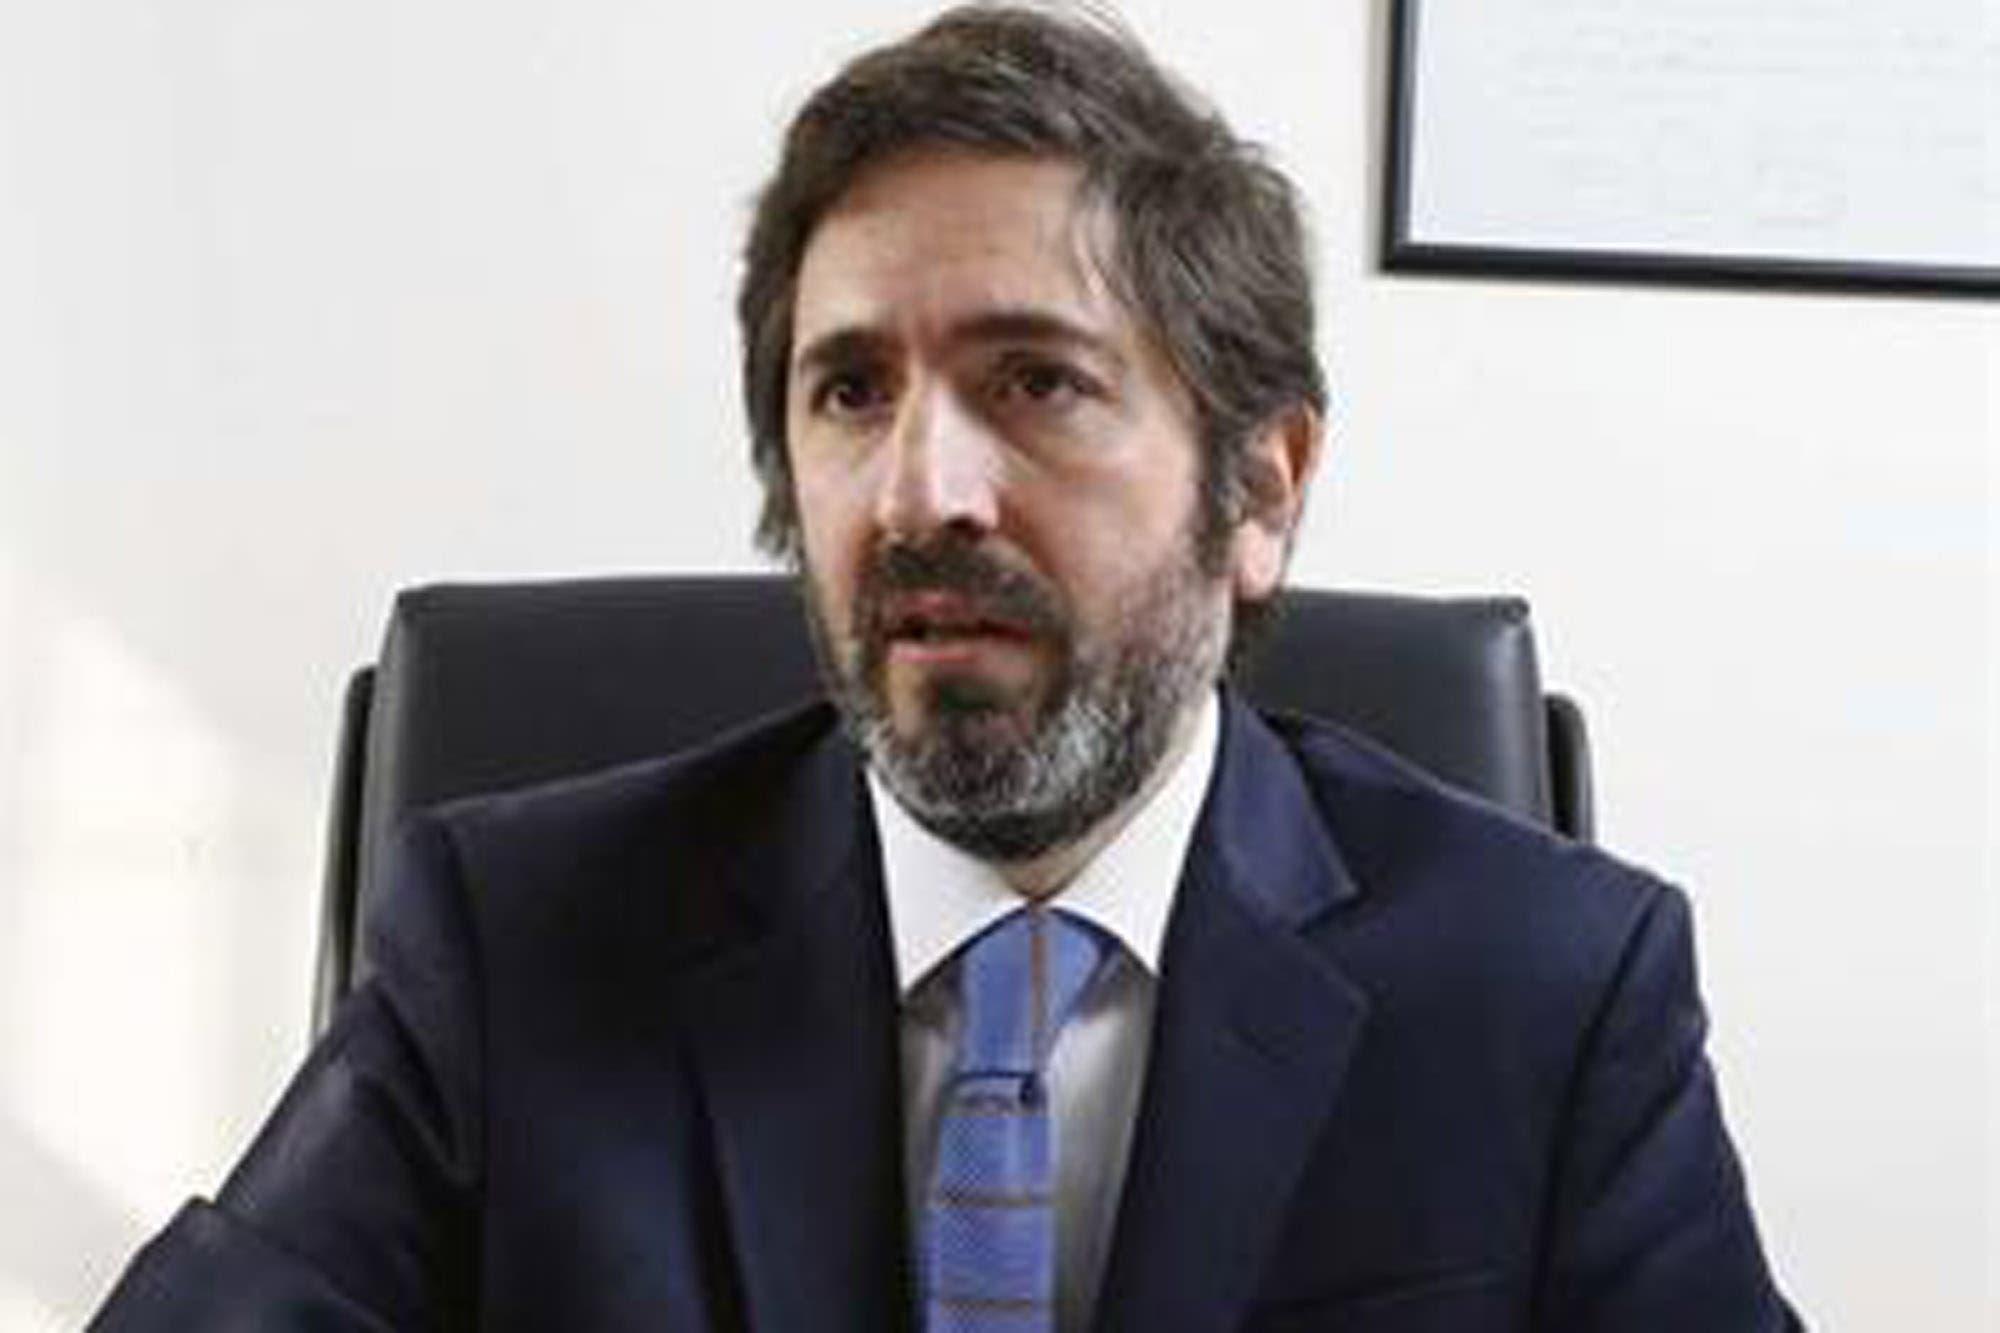 La Casación revisará el procesamiento del abogado acusado de plantar testigos falsos para perjudicar a Casanello